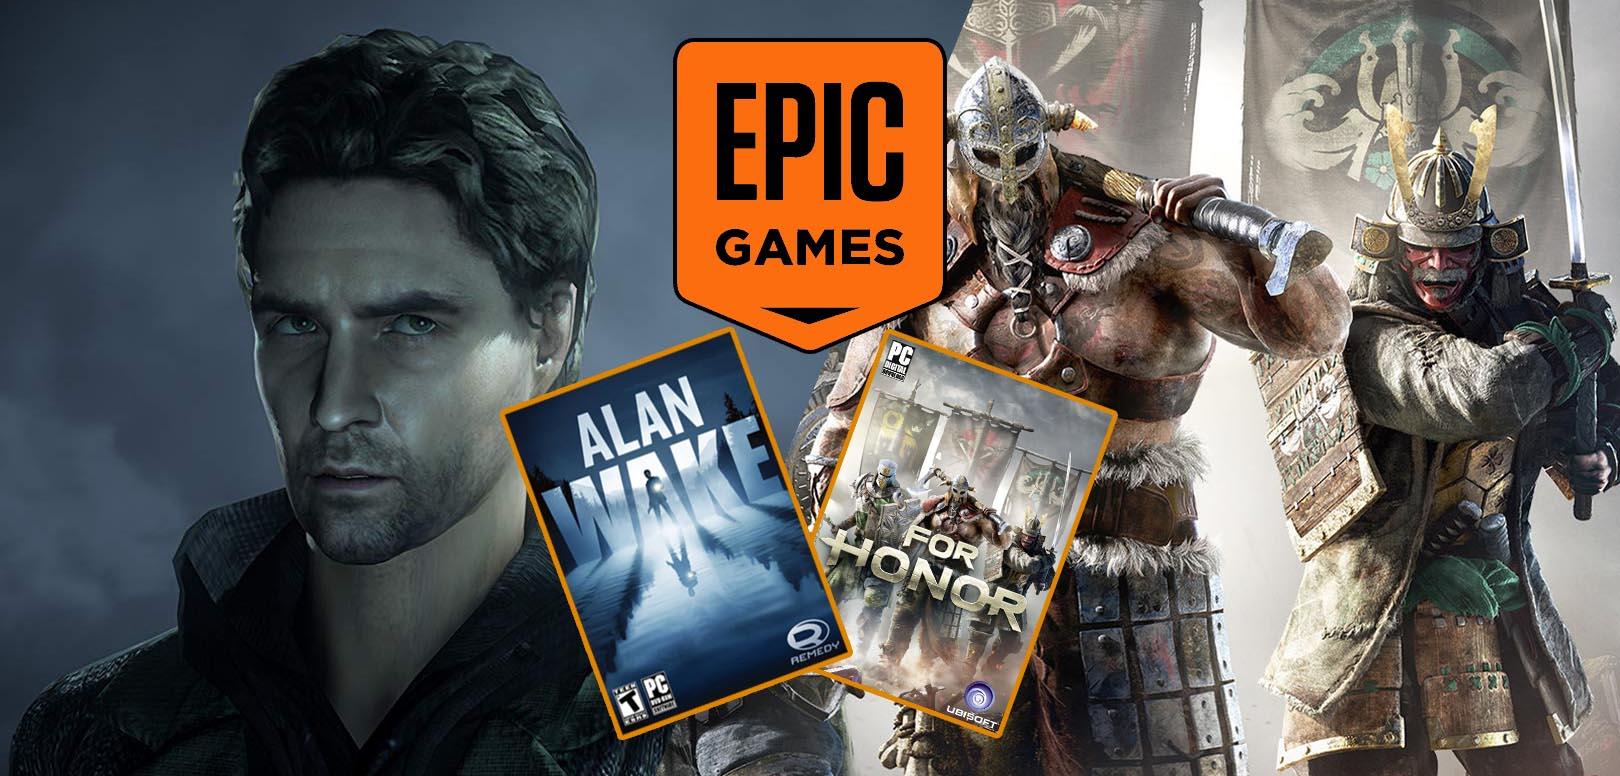 Epic Games Ücretsiz Oyun Dağıtmaya Devam Ediyor! - MMORPG ...